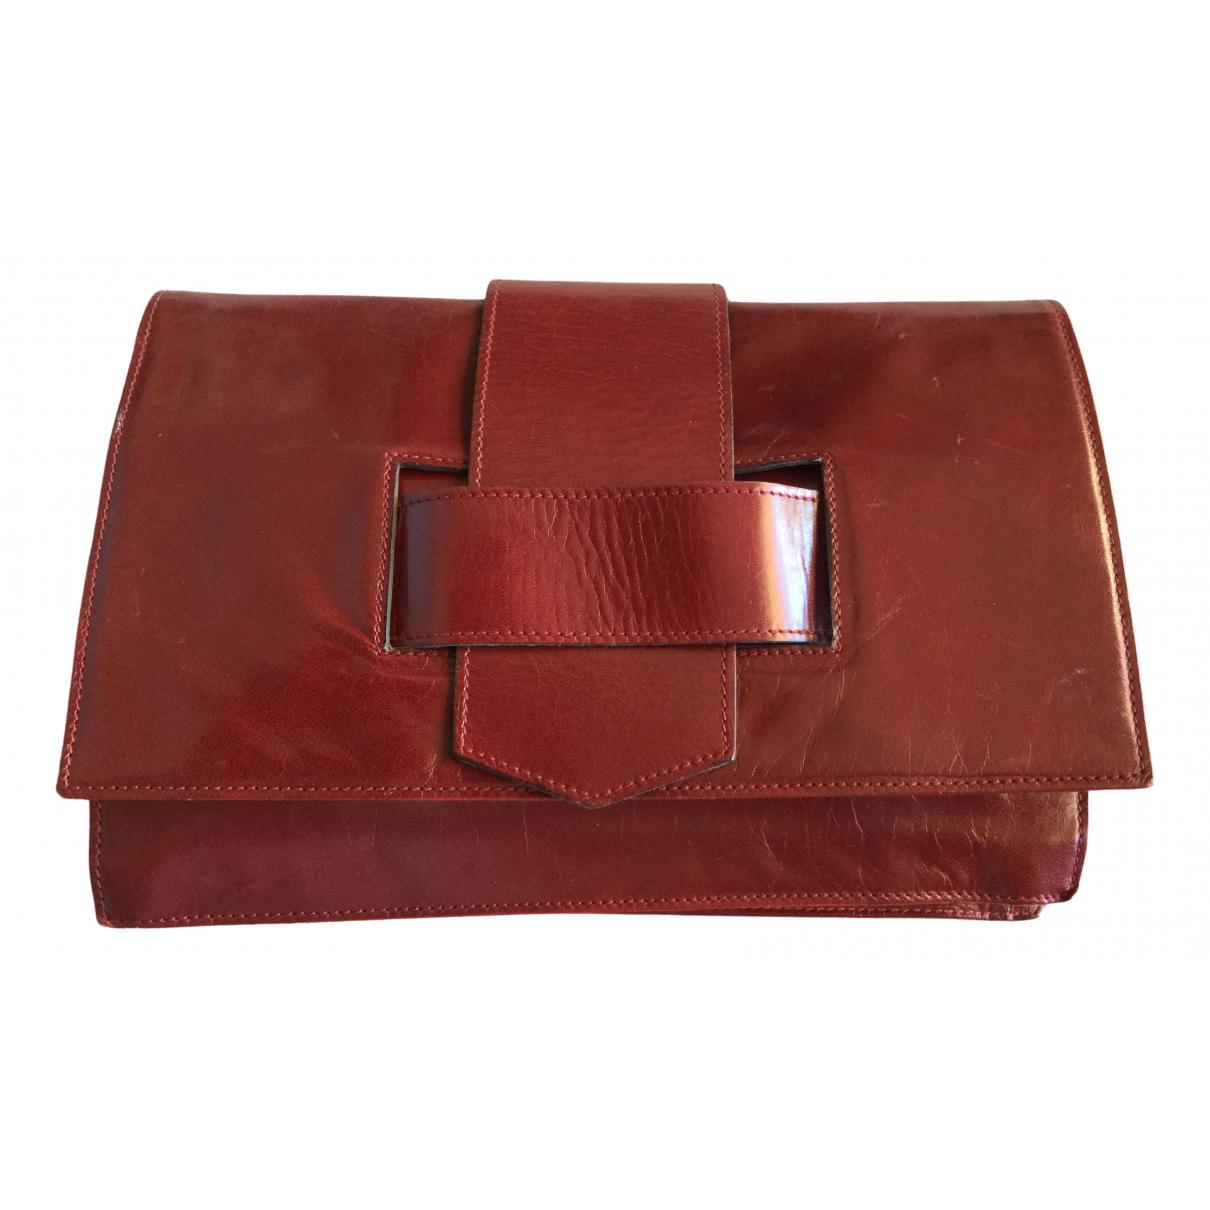 Walter Steiger \N Burgundy Leather Clutch bag for Women \N